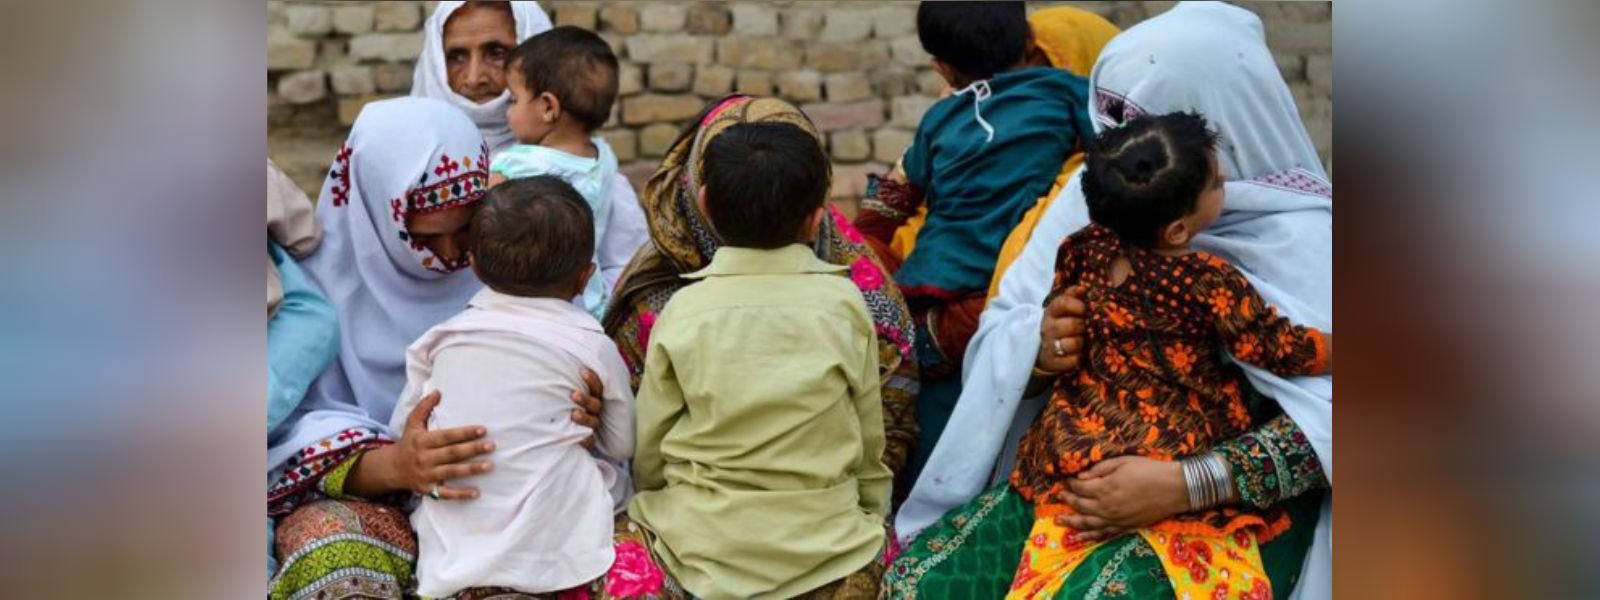 பாகிஸ்தானில் அநேகமான சிறுவர்களுக்கு HIV தொற்று